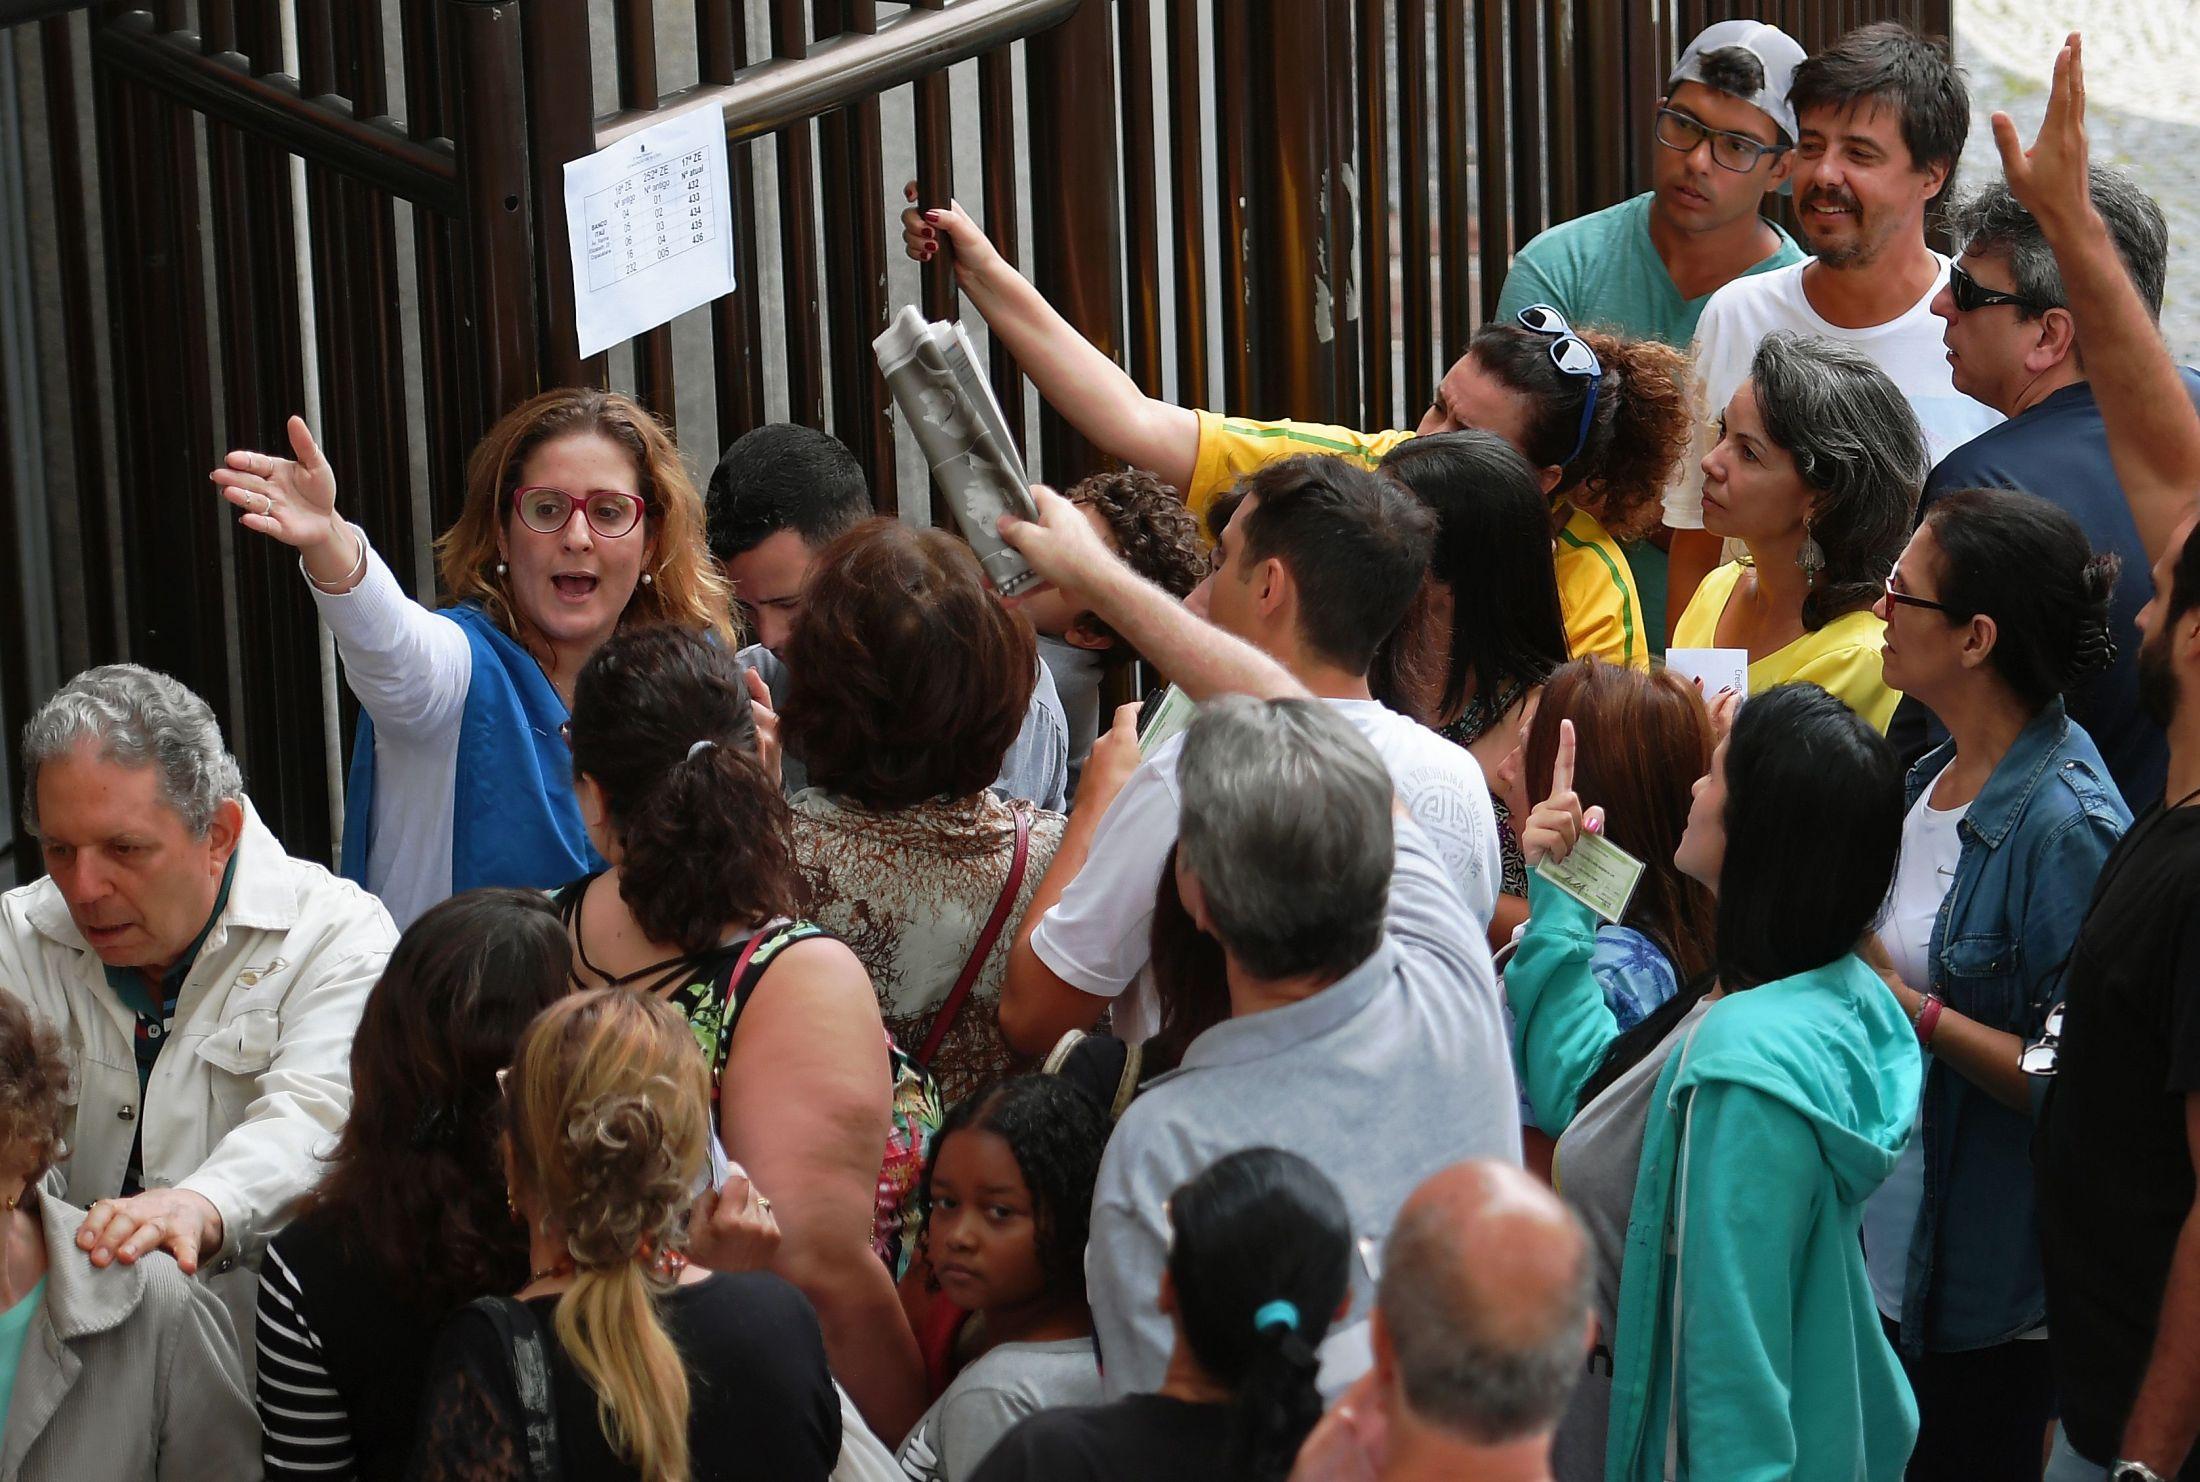 Representante da Justiça Eleitoral orienta eleitores em Copacabana, no Rio de Janeiro. (Foto: CARL DE SOUZA / AFP)